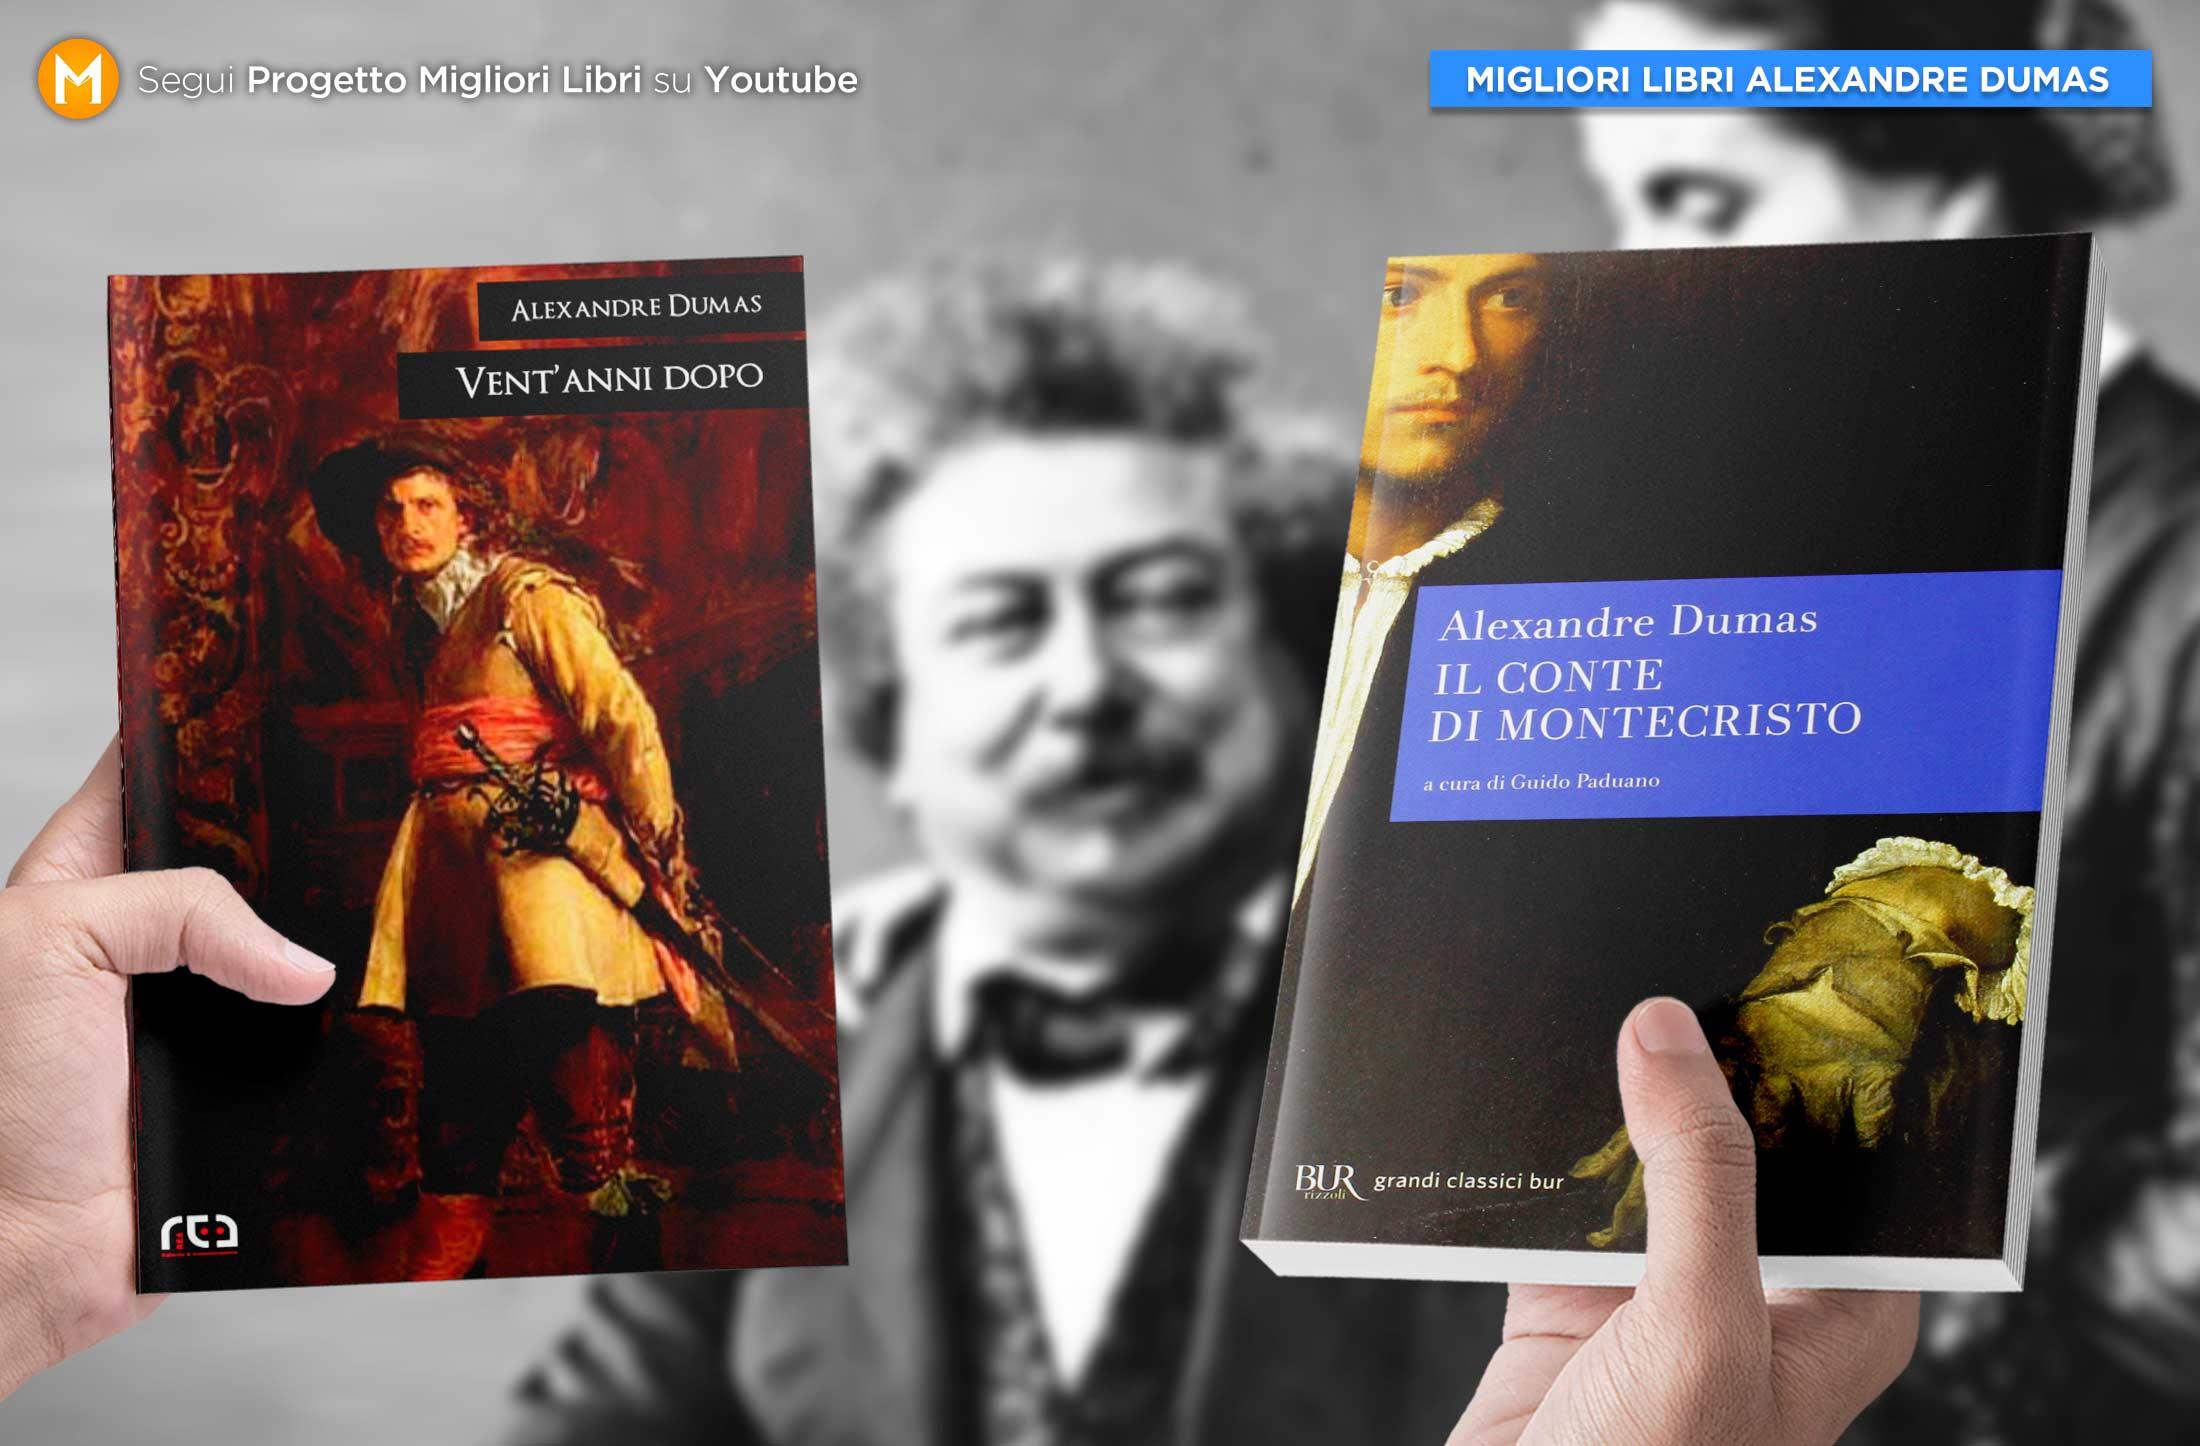 migliori-libri-alexandre-dumas